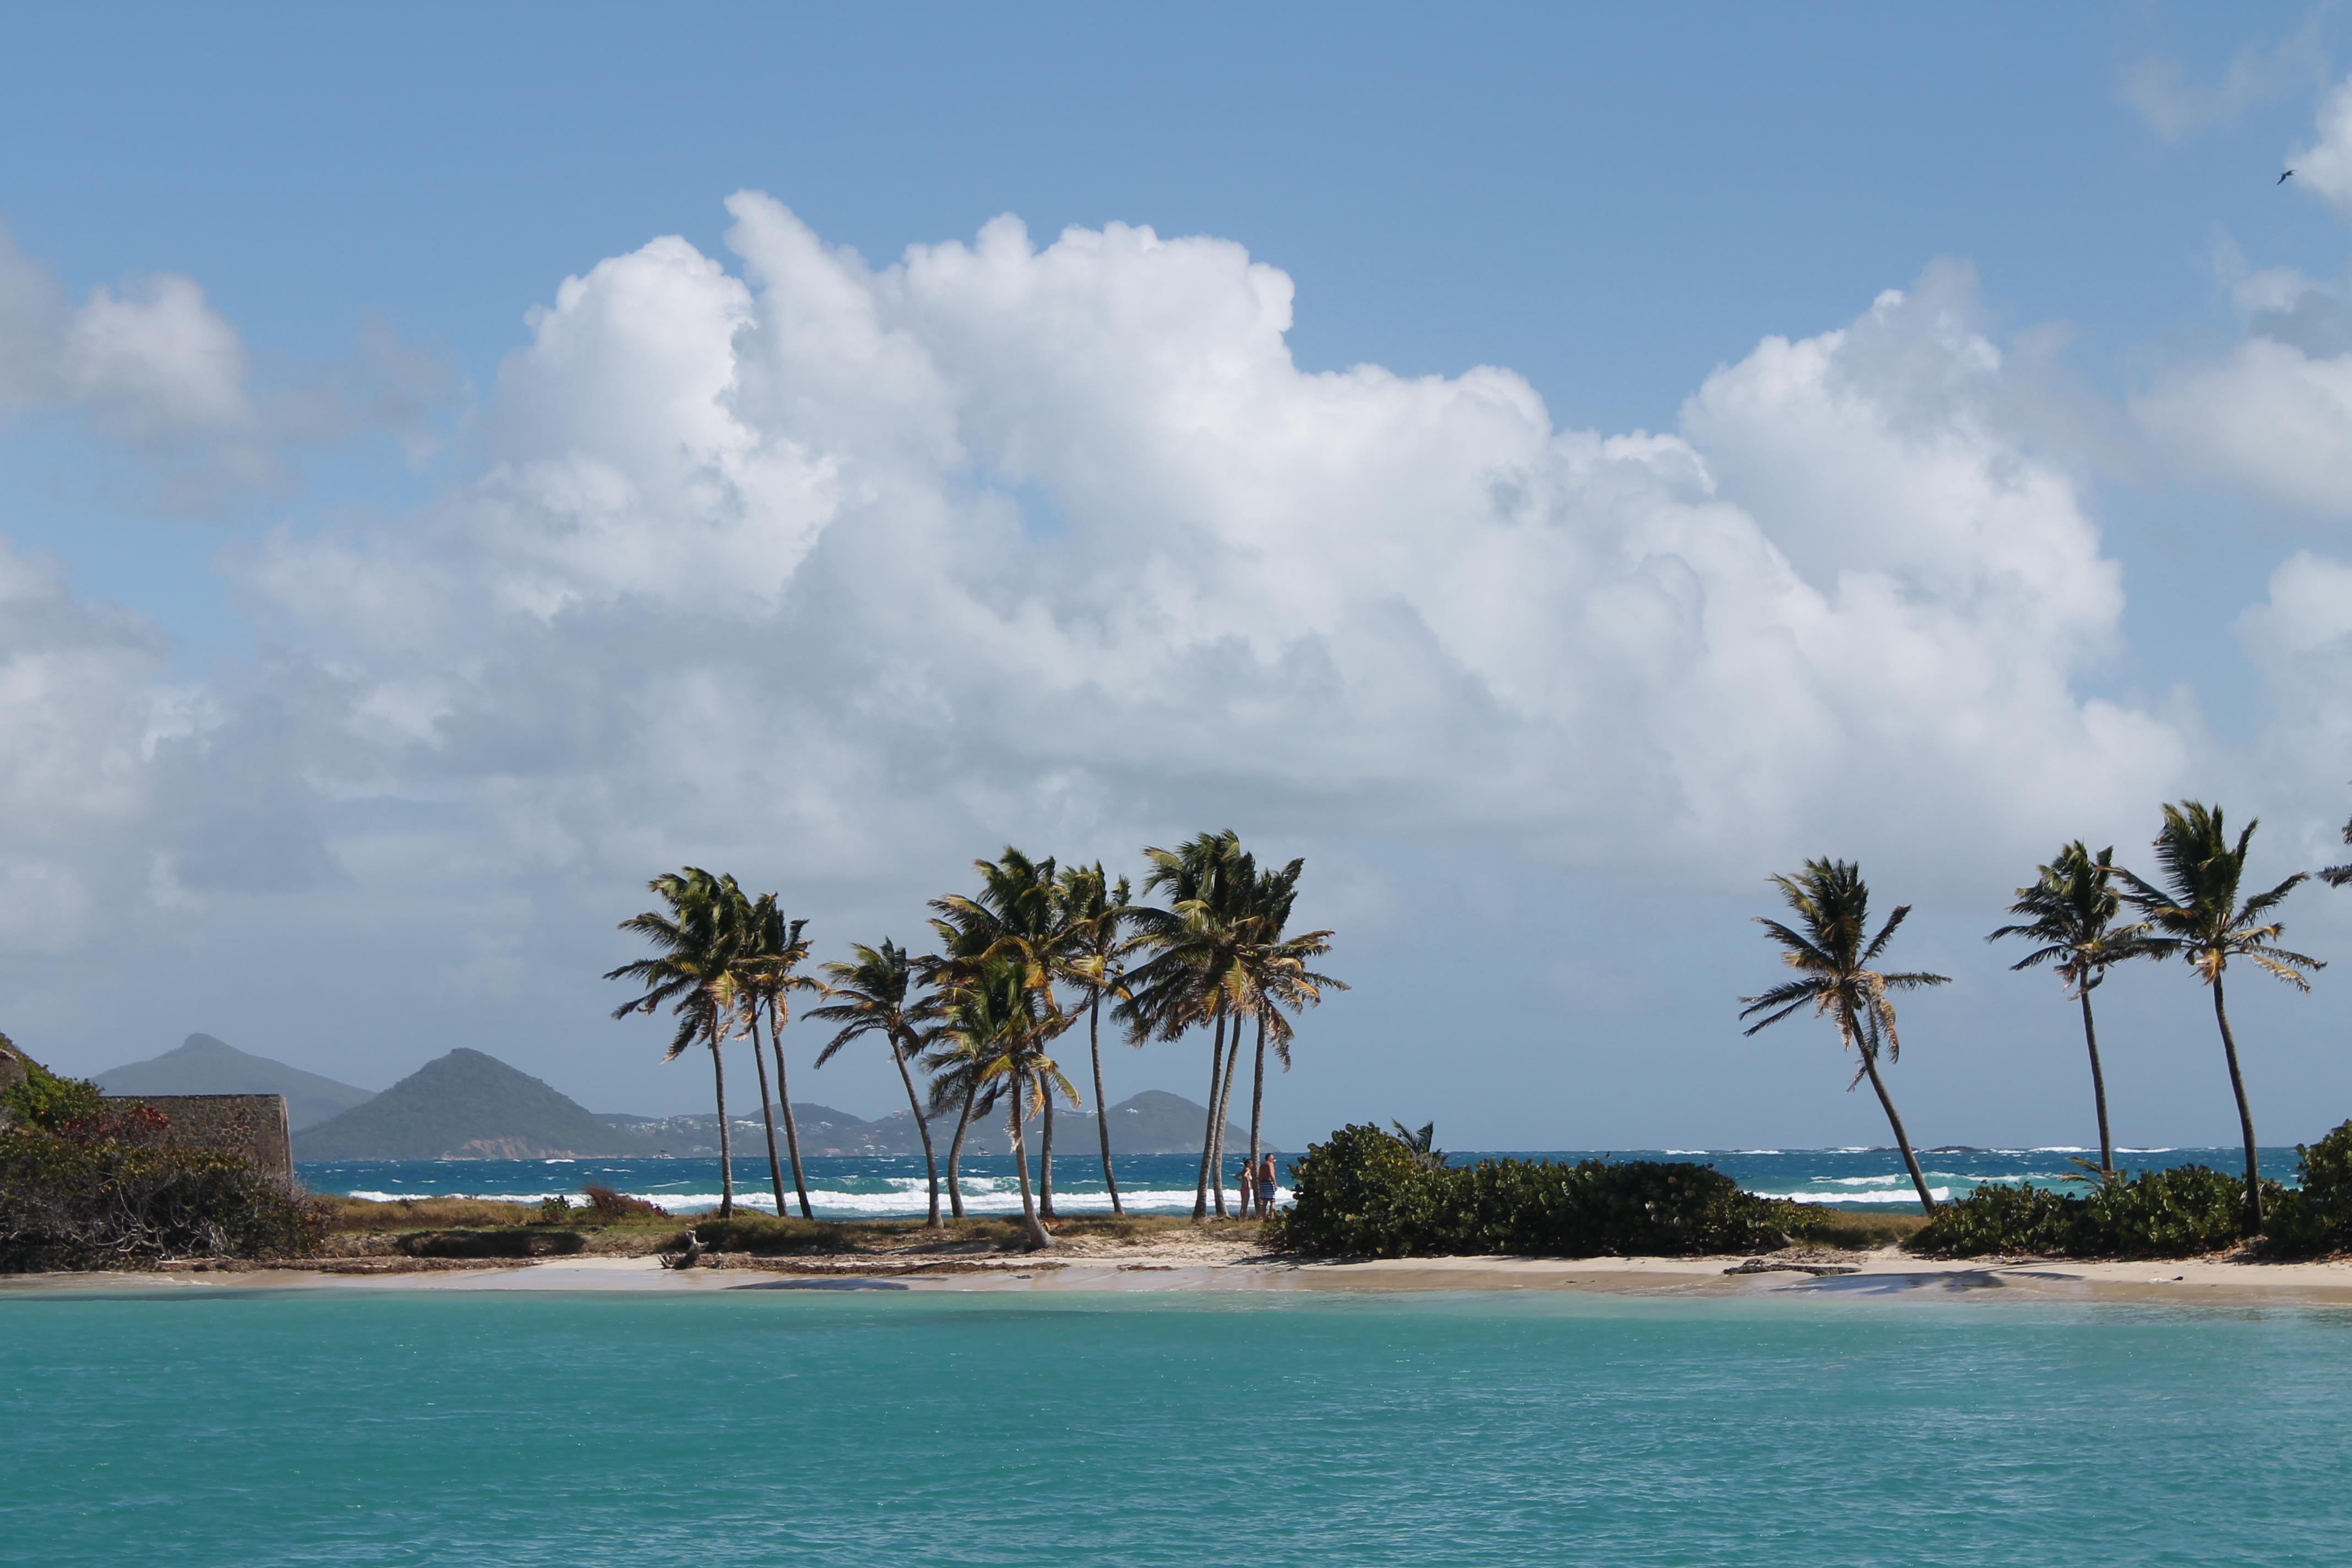 Palmen und Kokosnüsse